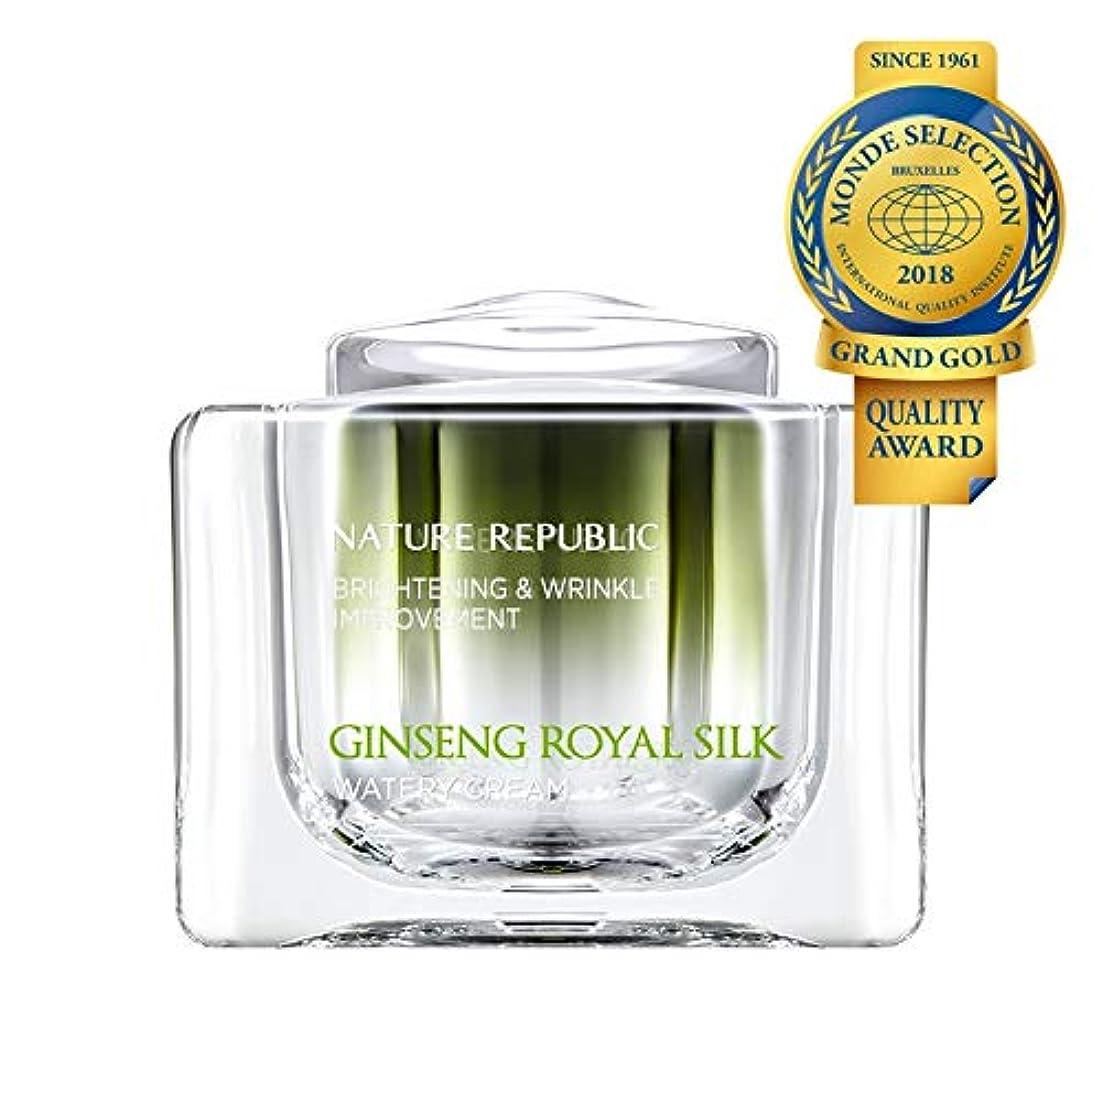 引退した噴水刃ネイチャーリパブリック(Nature Republic)ジンセンロイヤルシルクウォーターリークリーム 60g / Ginseng Royal Silk Watery Cream 60g :: 韓国コスメ [並行輸入品]